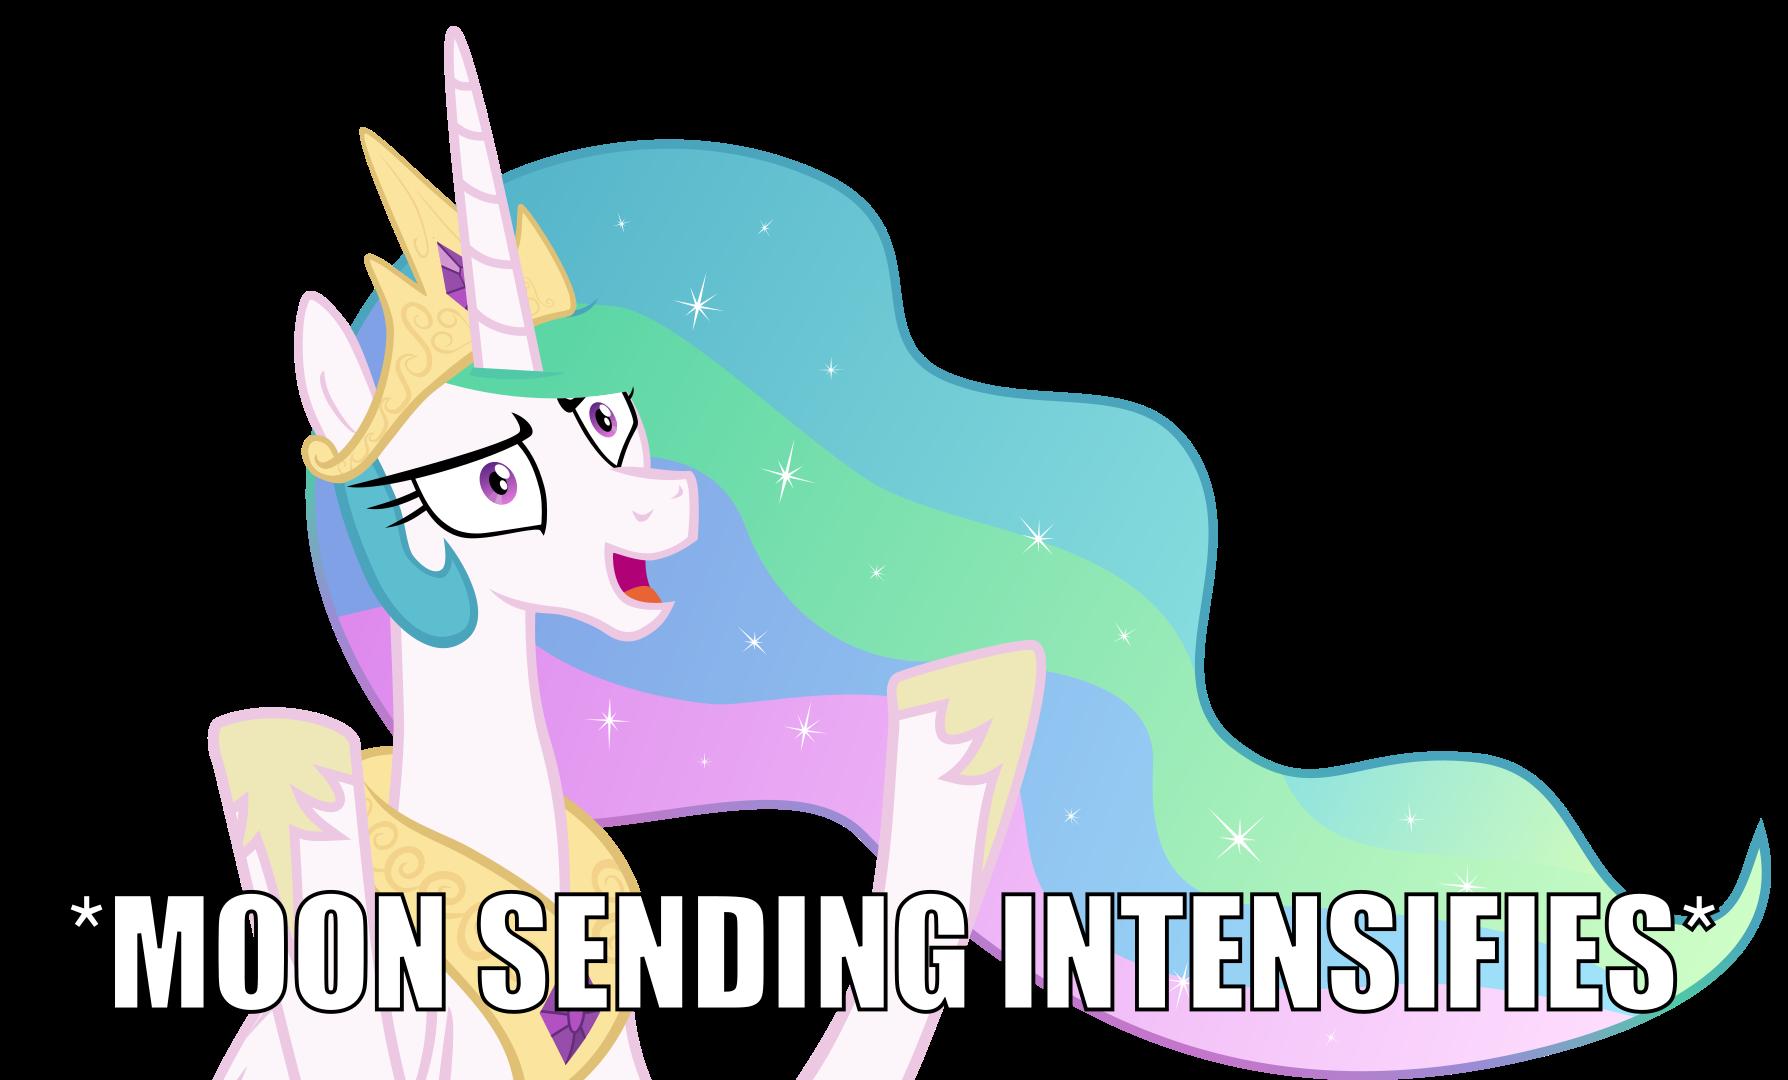 *Moon Sending Intensifies* by Etherium-Apex